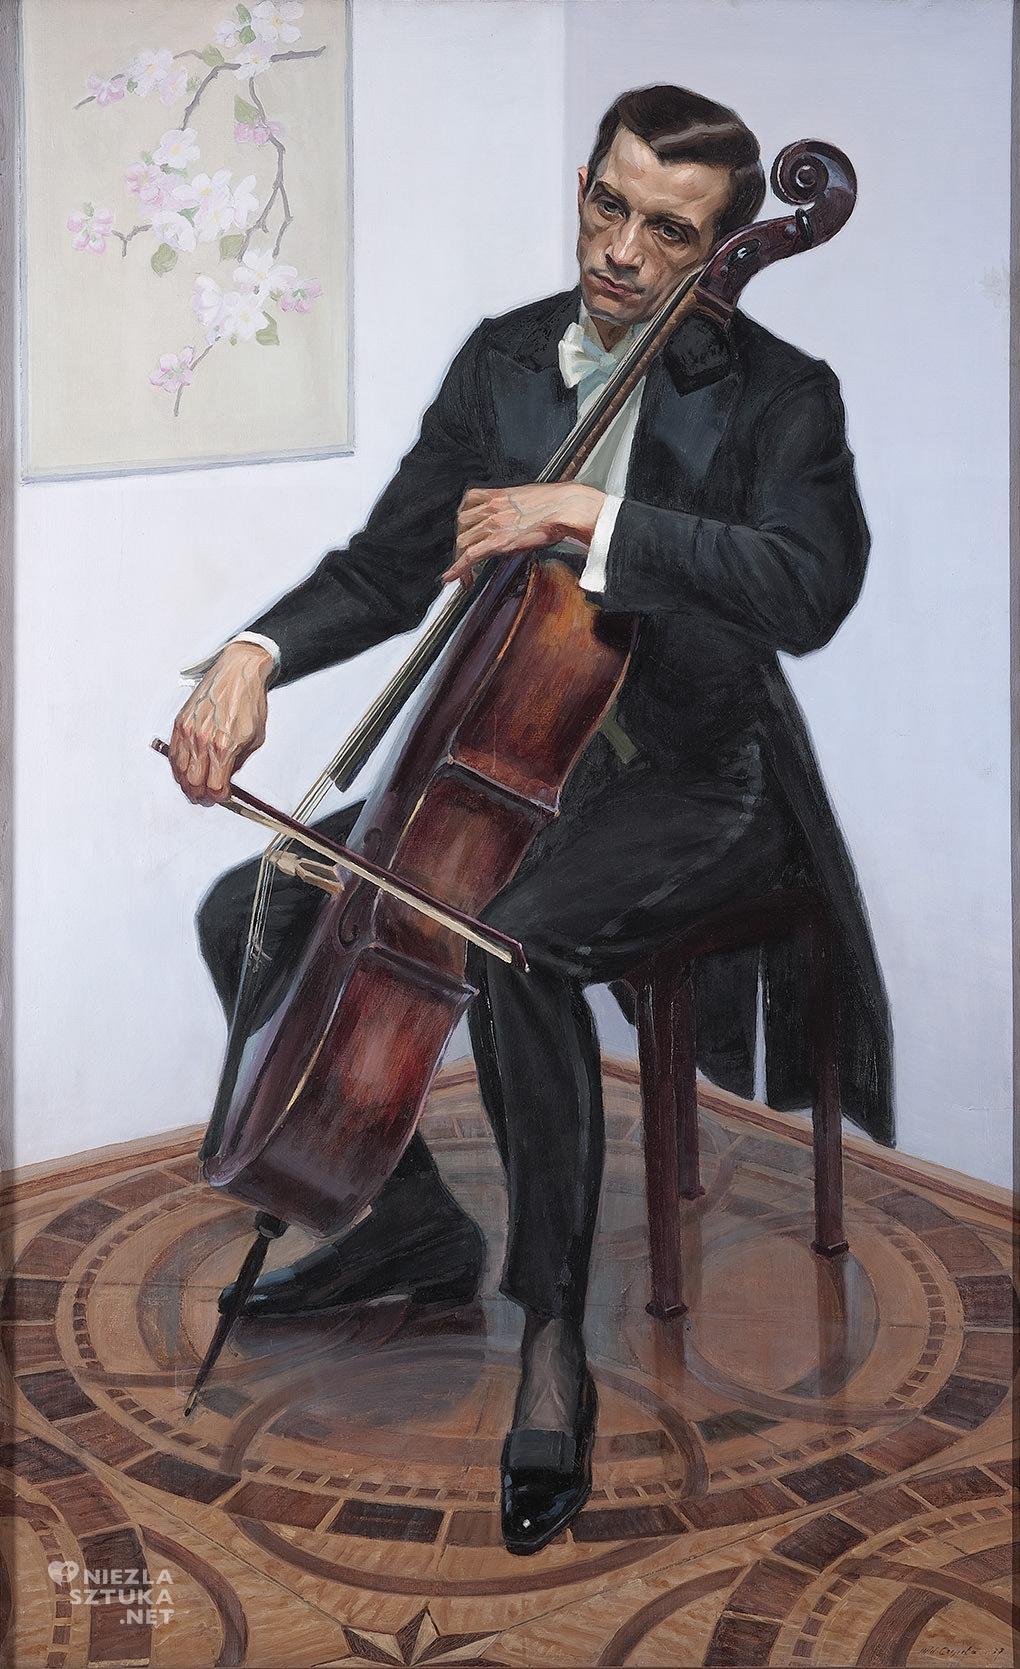 Michał Czepita, Portret artysty muzyka Piotra Chmielewskiego, 1927, Muzeum Narodowe w Warszawie